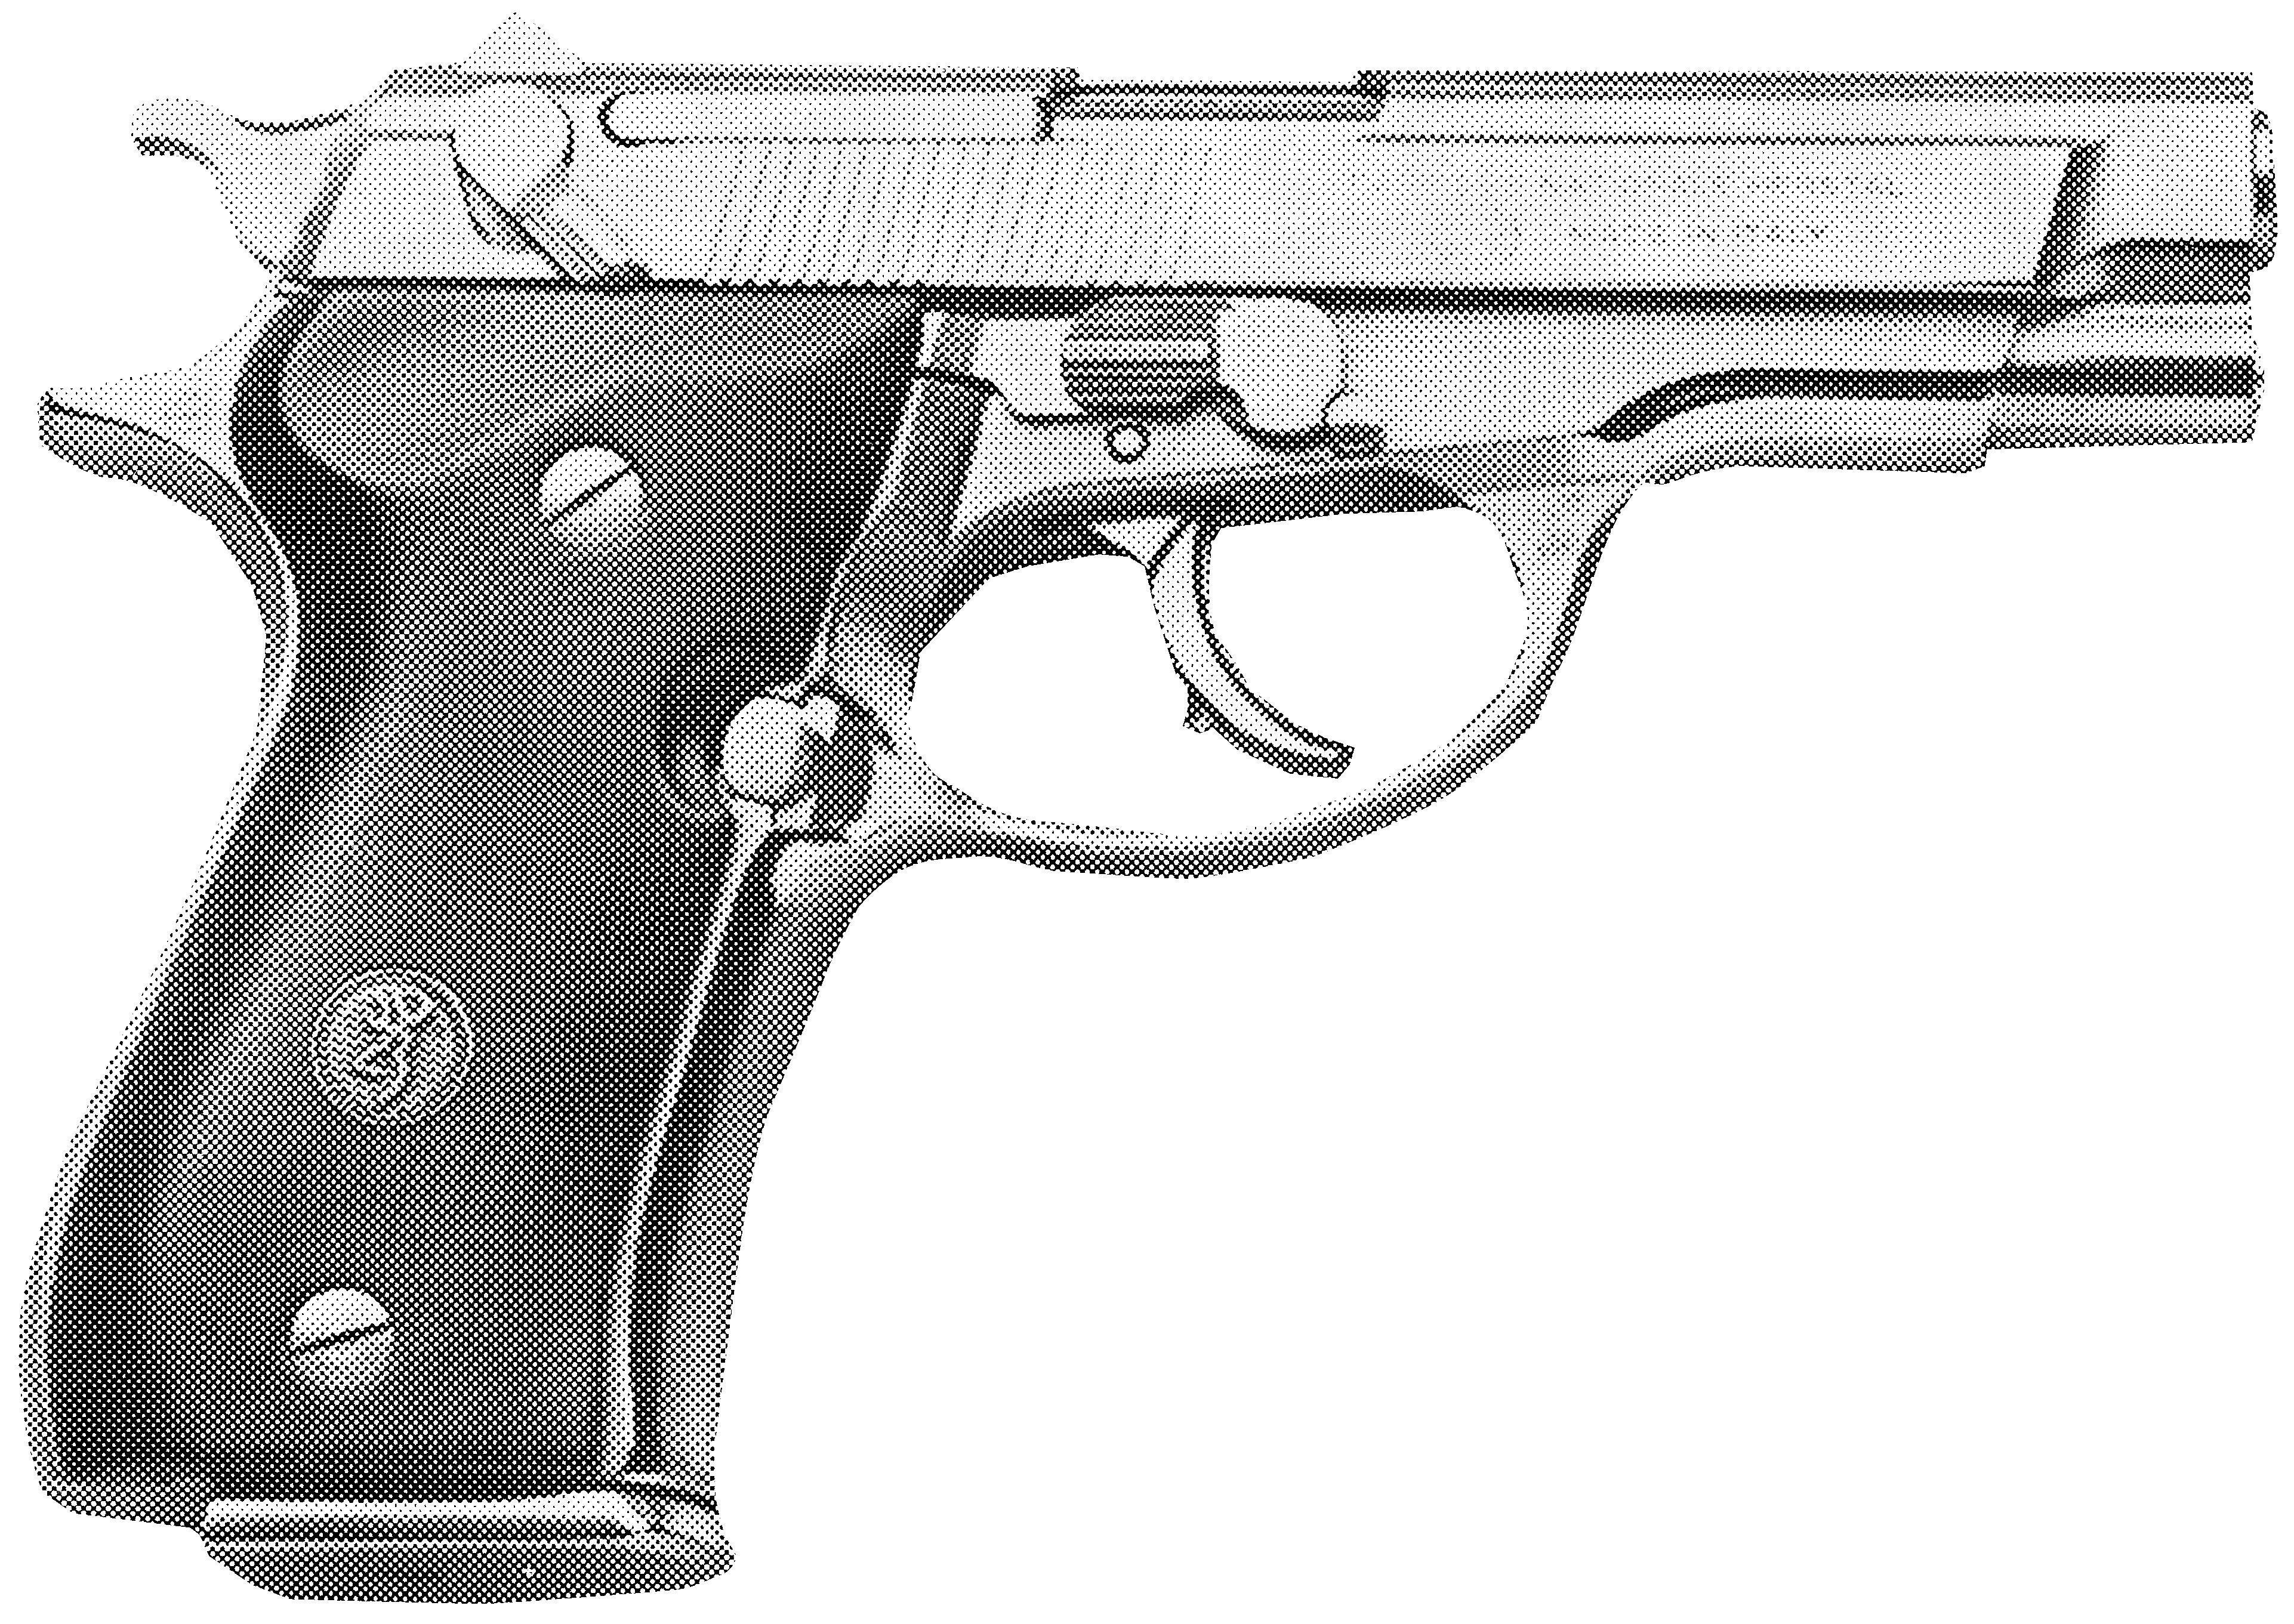 BDA-380